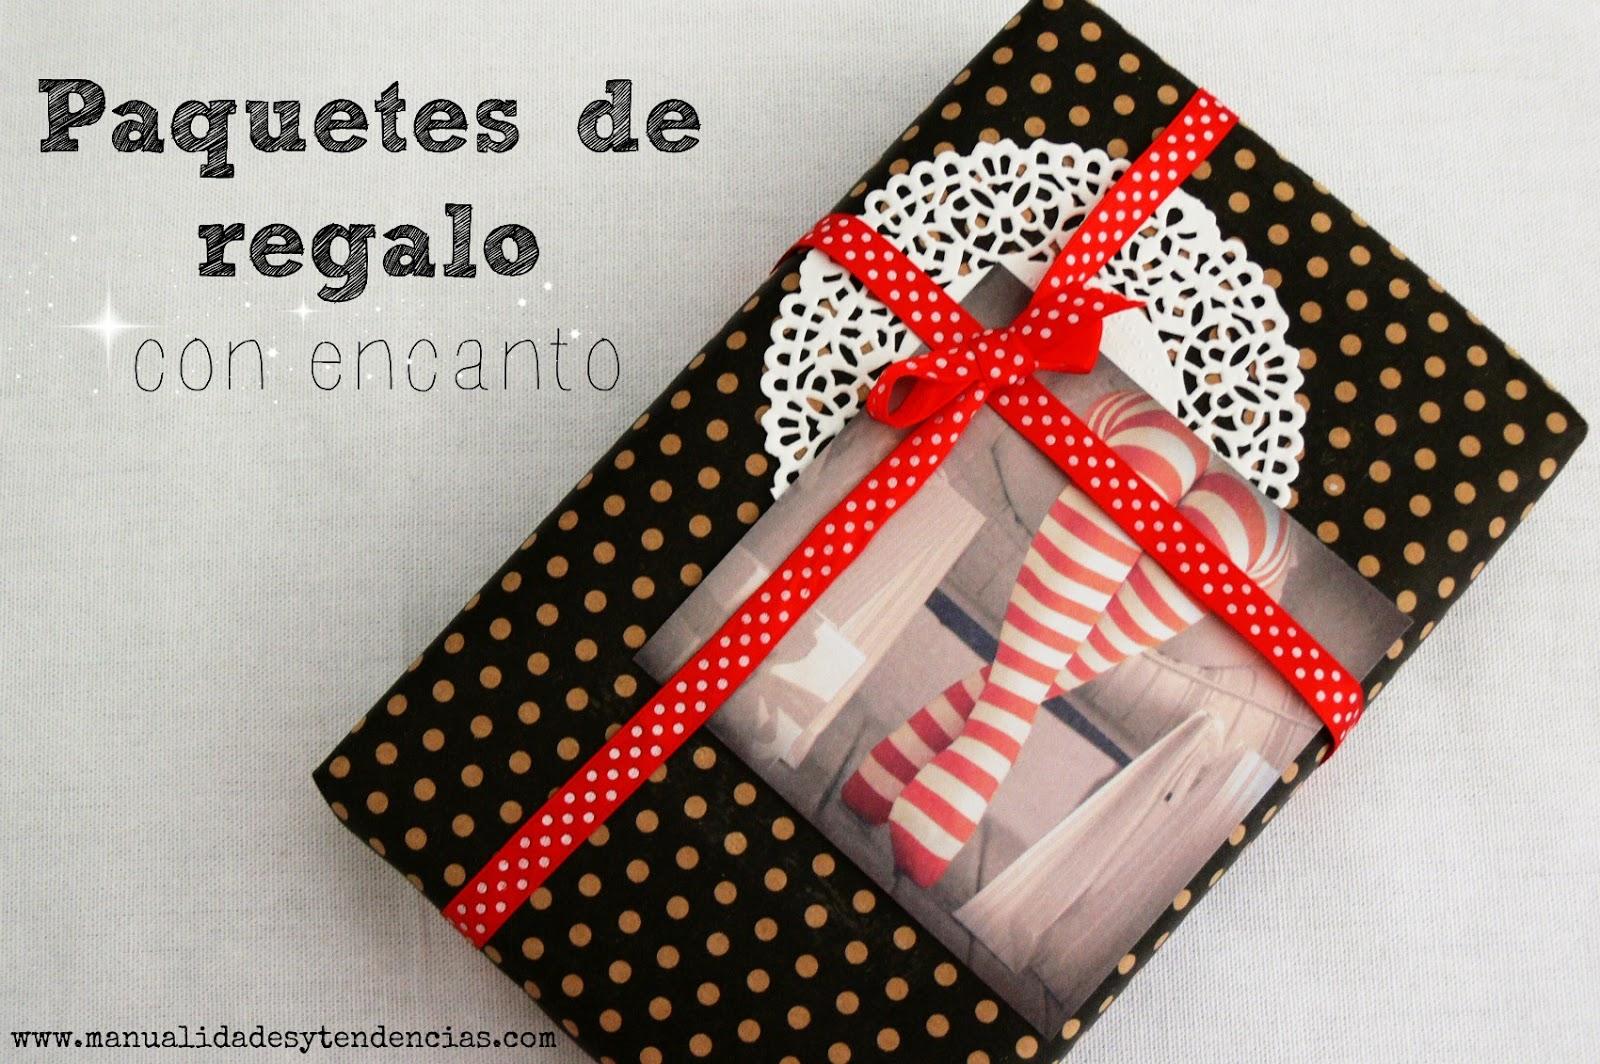 Manualidades y tendencias paquetes de regalo con encanto - Paquetes originales para regalos ...